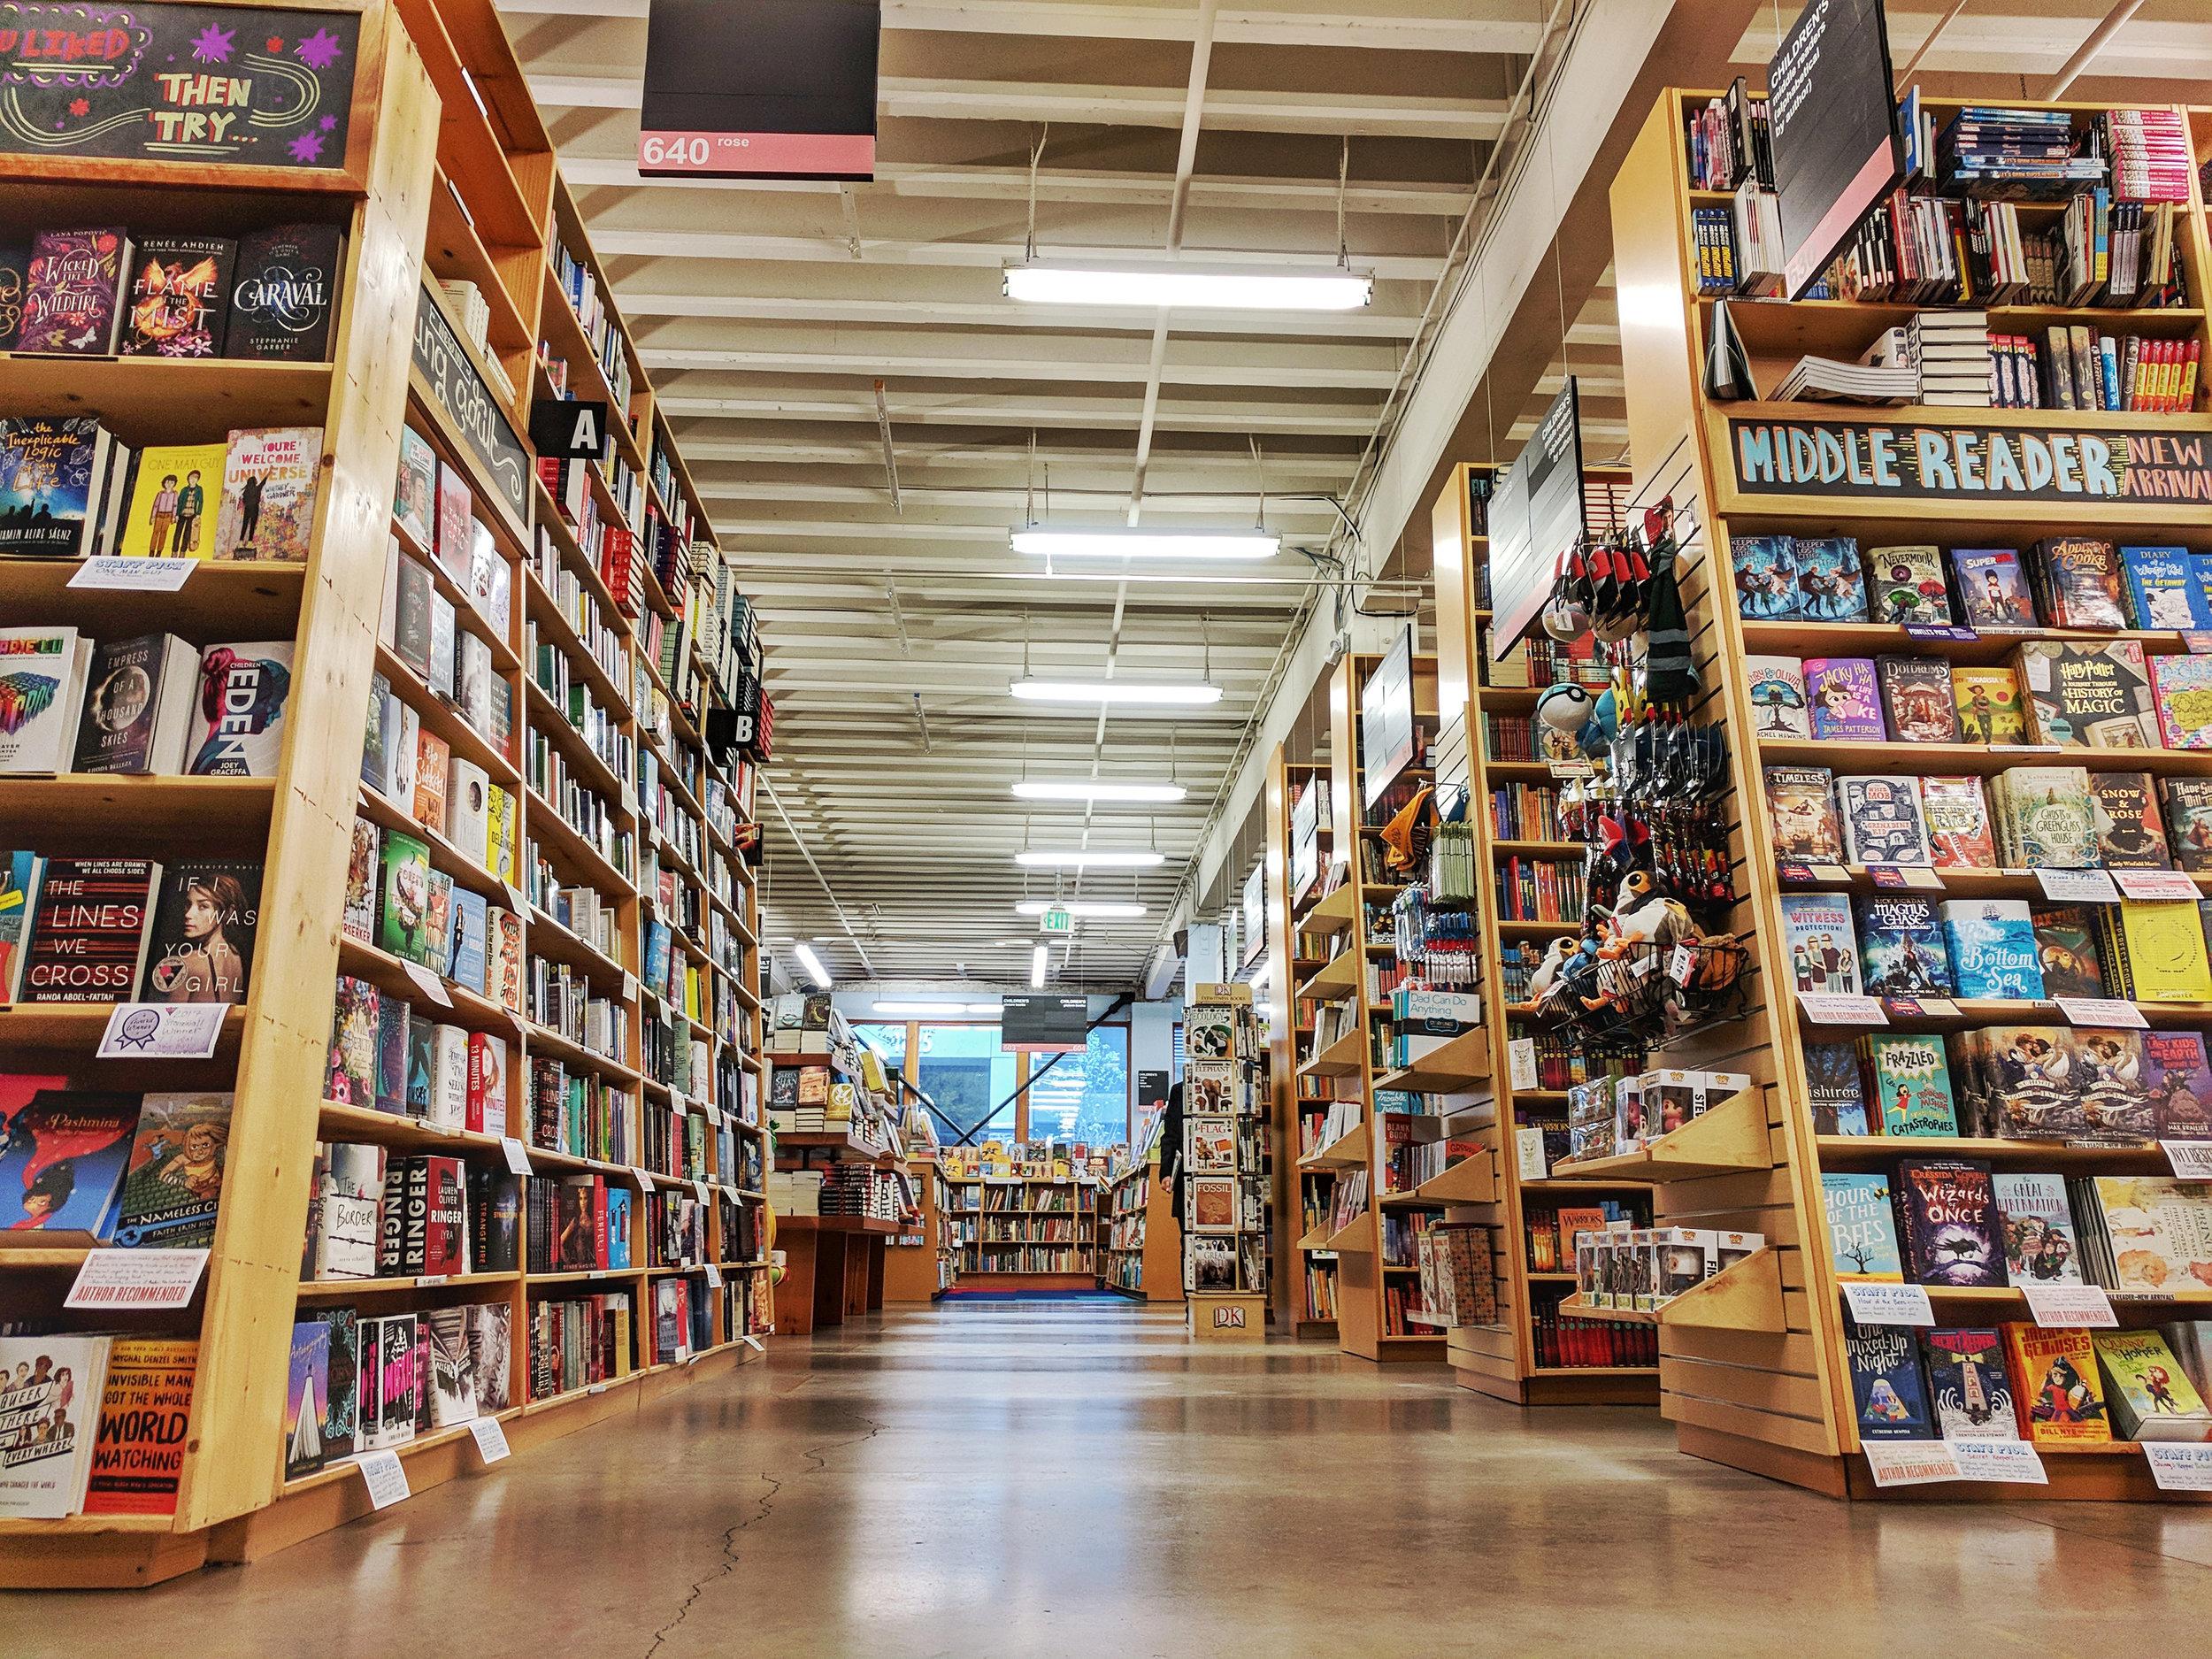 powells-books-shelves.jpg